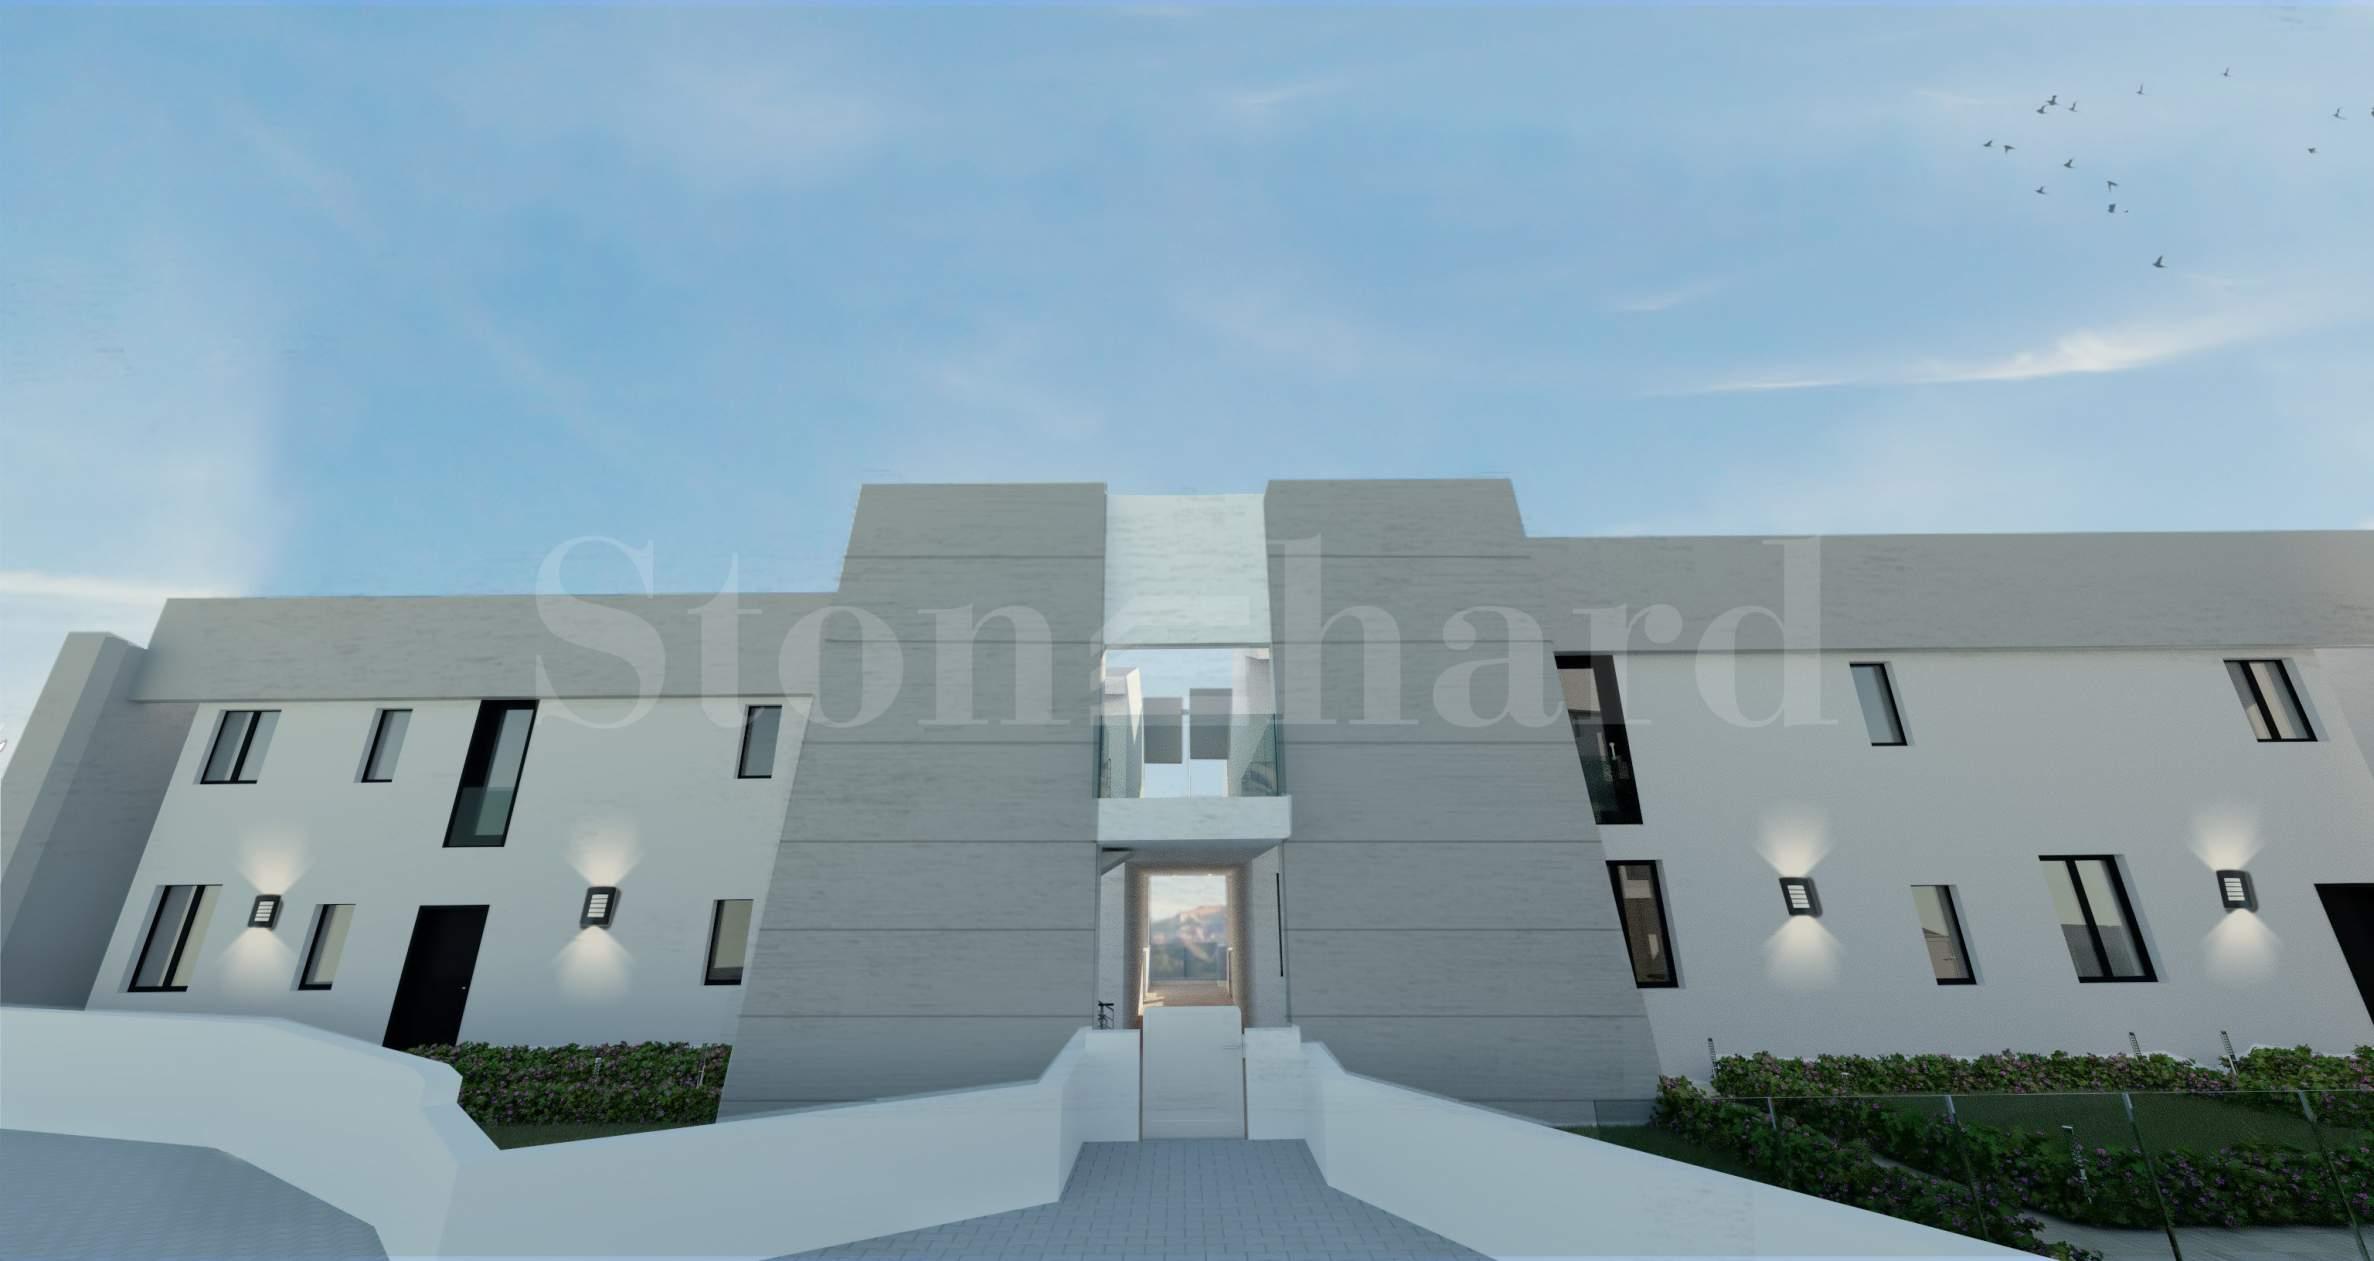 Holiday residences in Sardinia1 - Stonehard